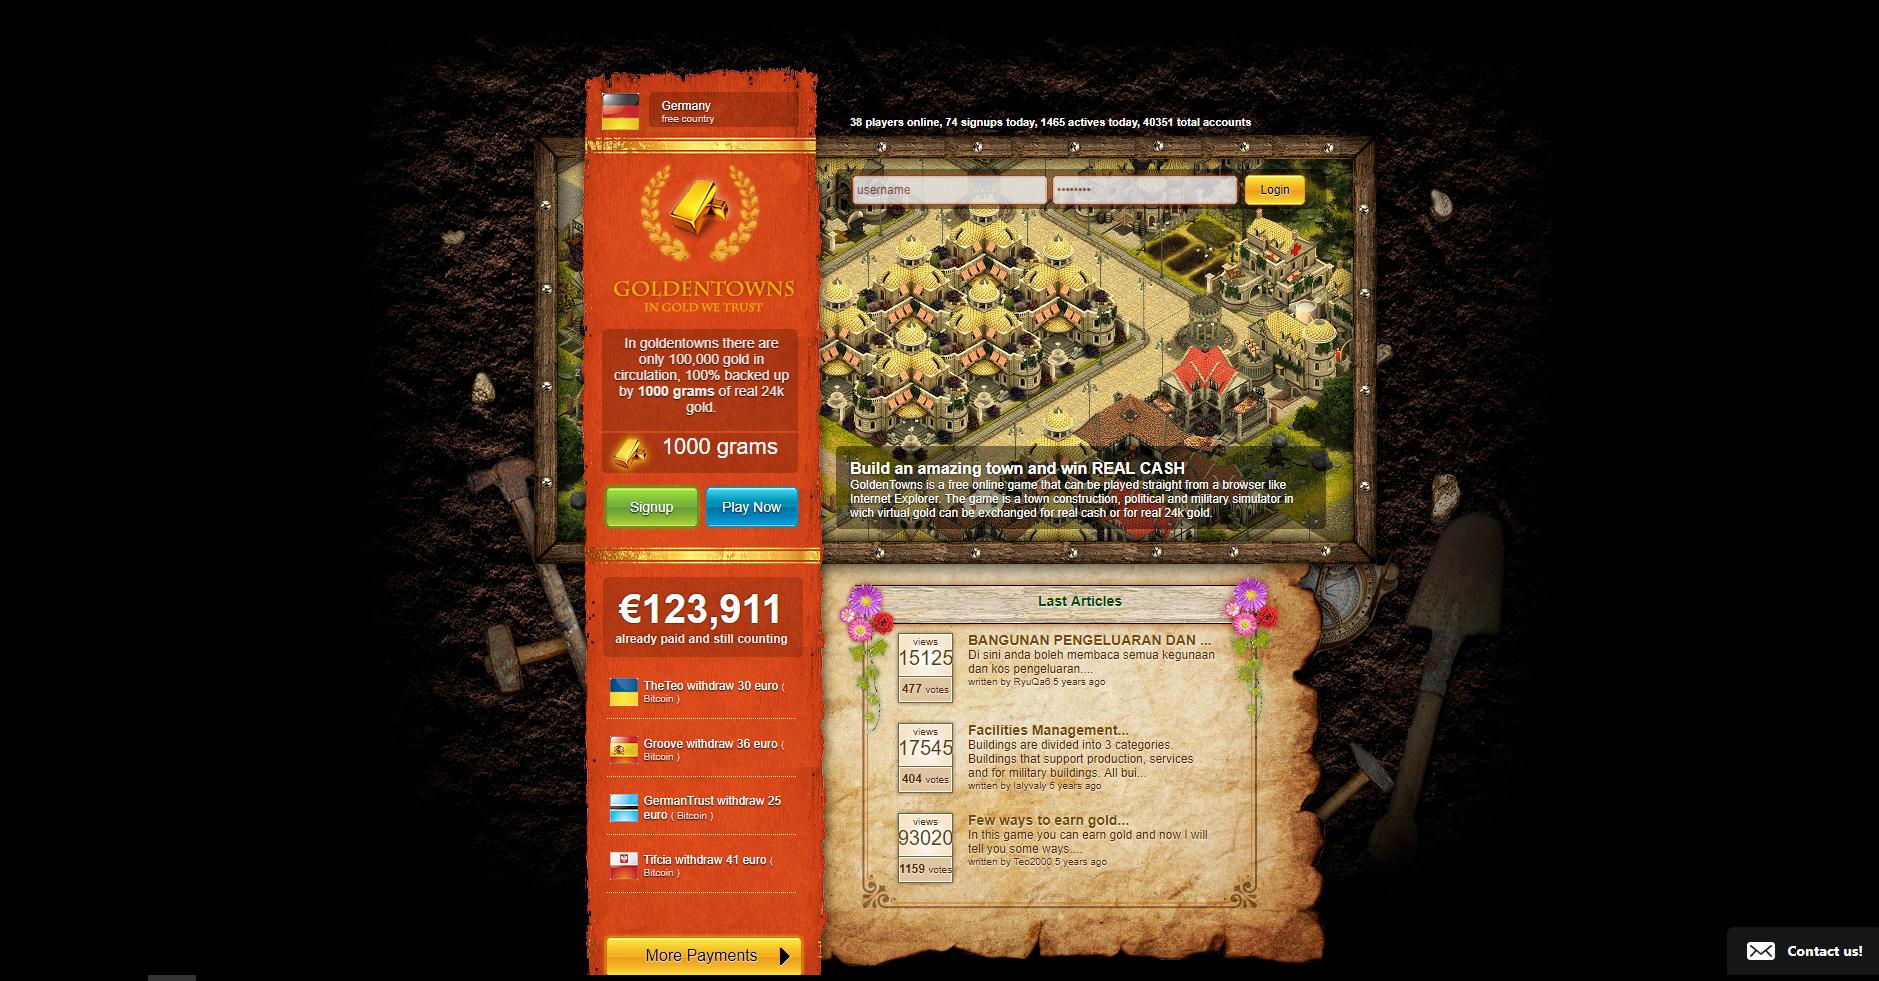 Geld verdienen mit Browsergames - Goldentown